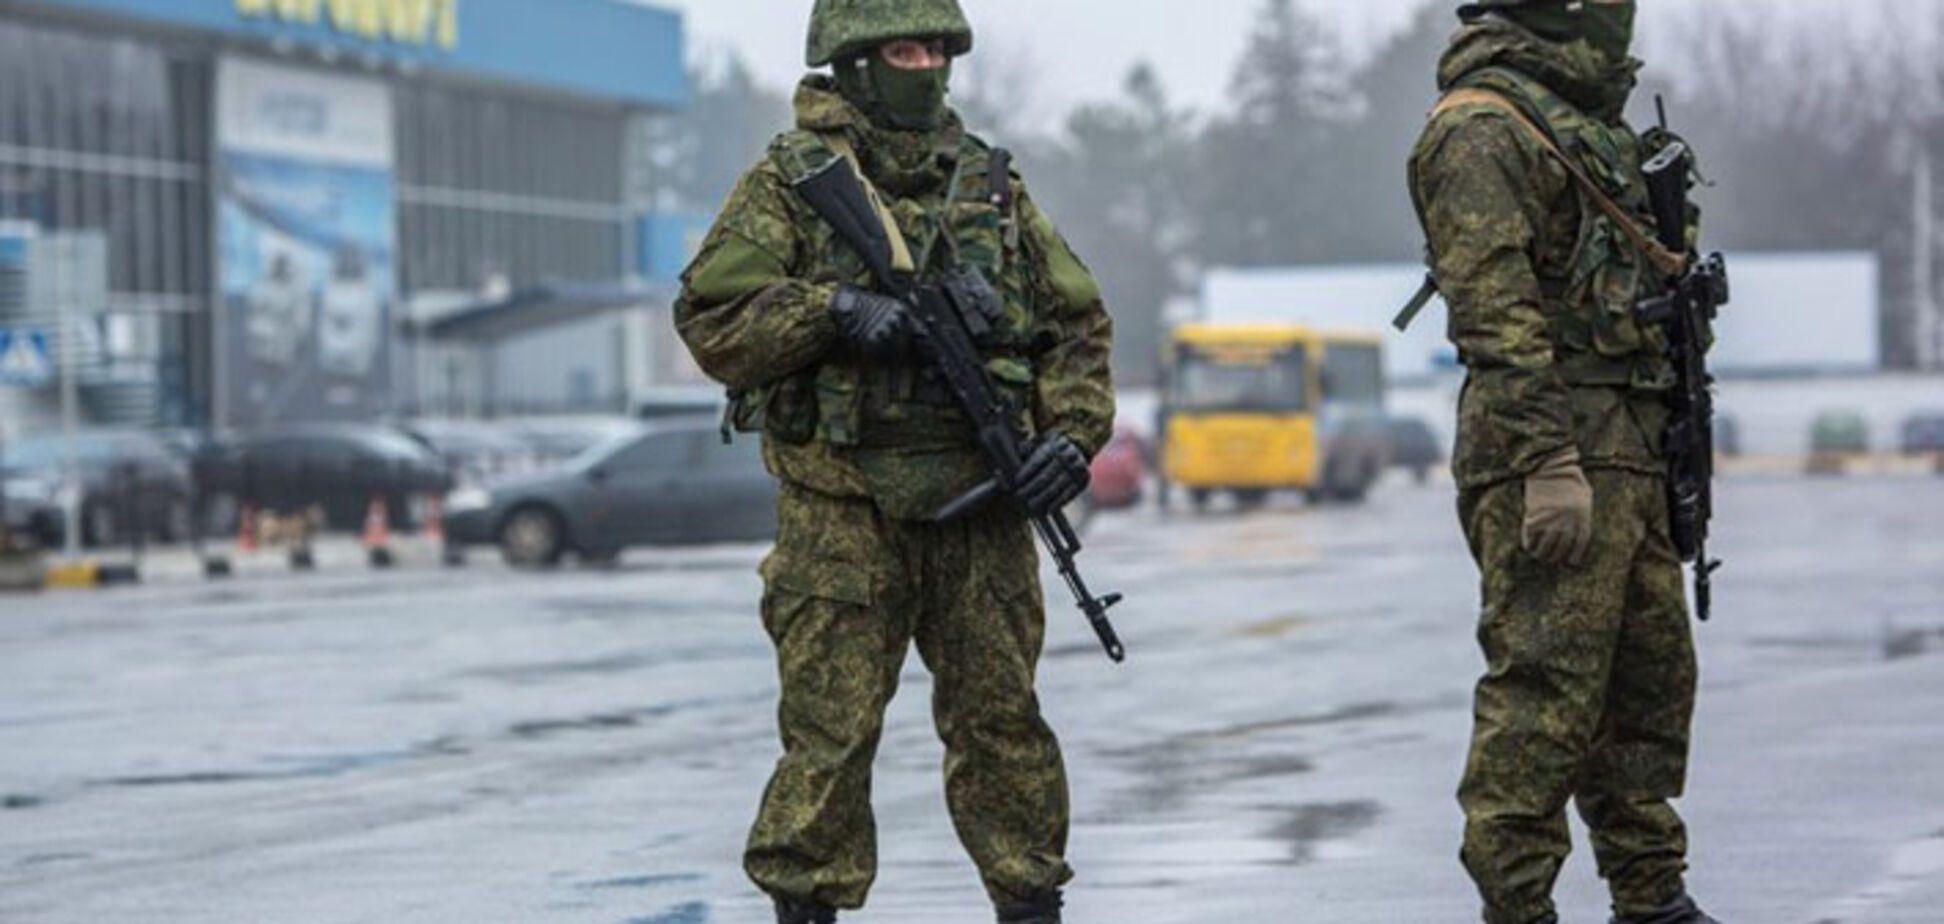 'Концтабір!' З'явилися нові страшні фото з окупованого Криму